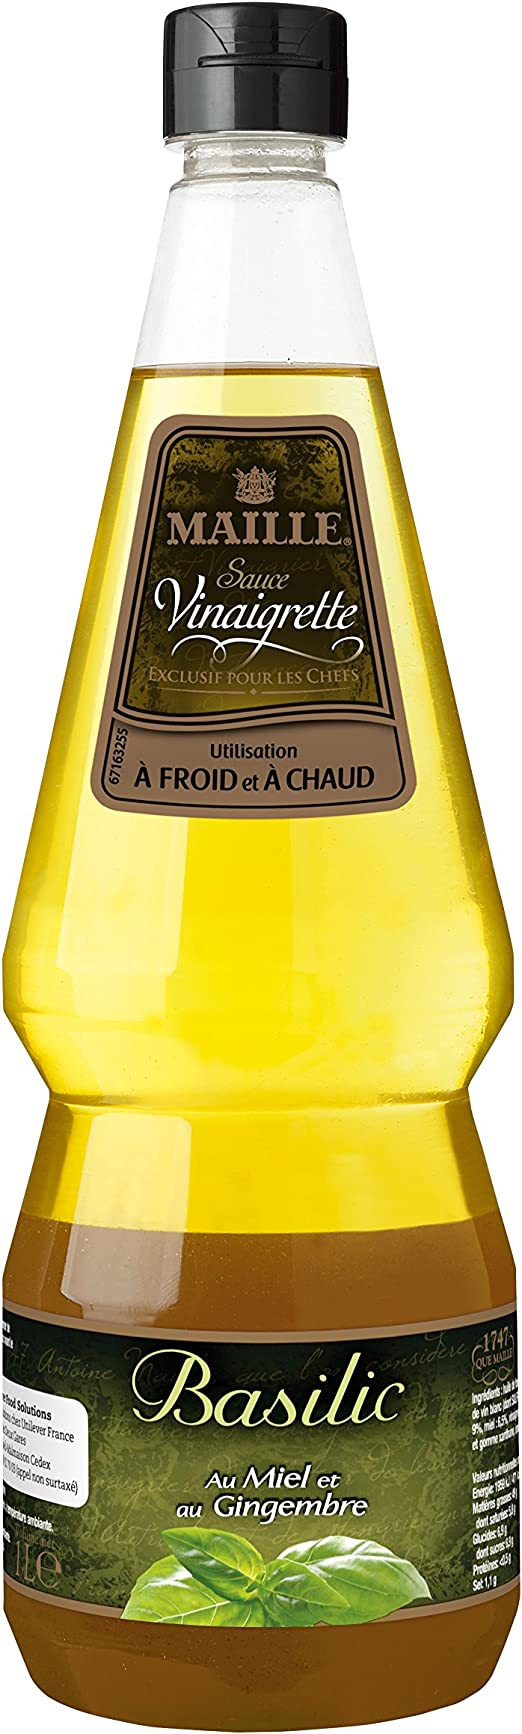 Maille Sauce Vinaigrette Basilic Saveurs Faits Maison 1l Lot De 2 Amazon Fr Epicerie